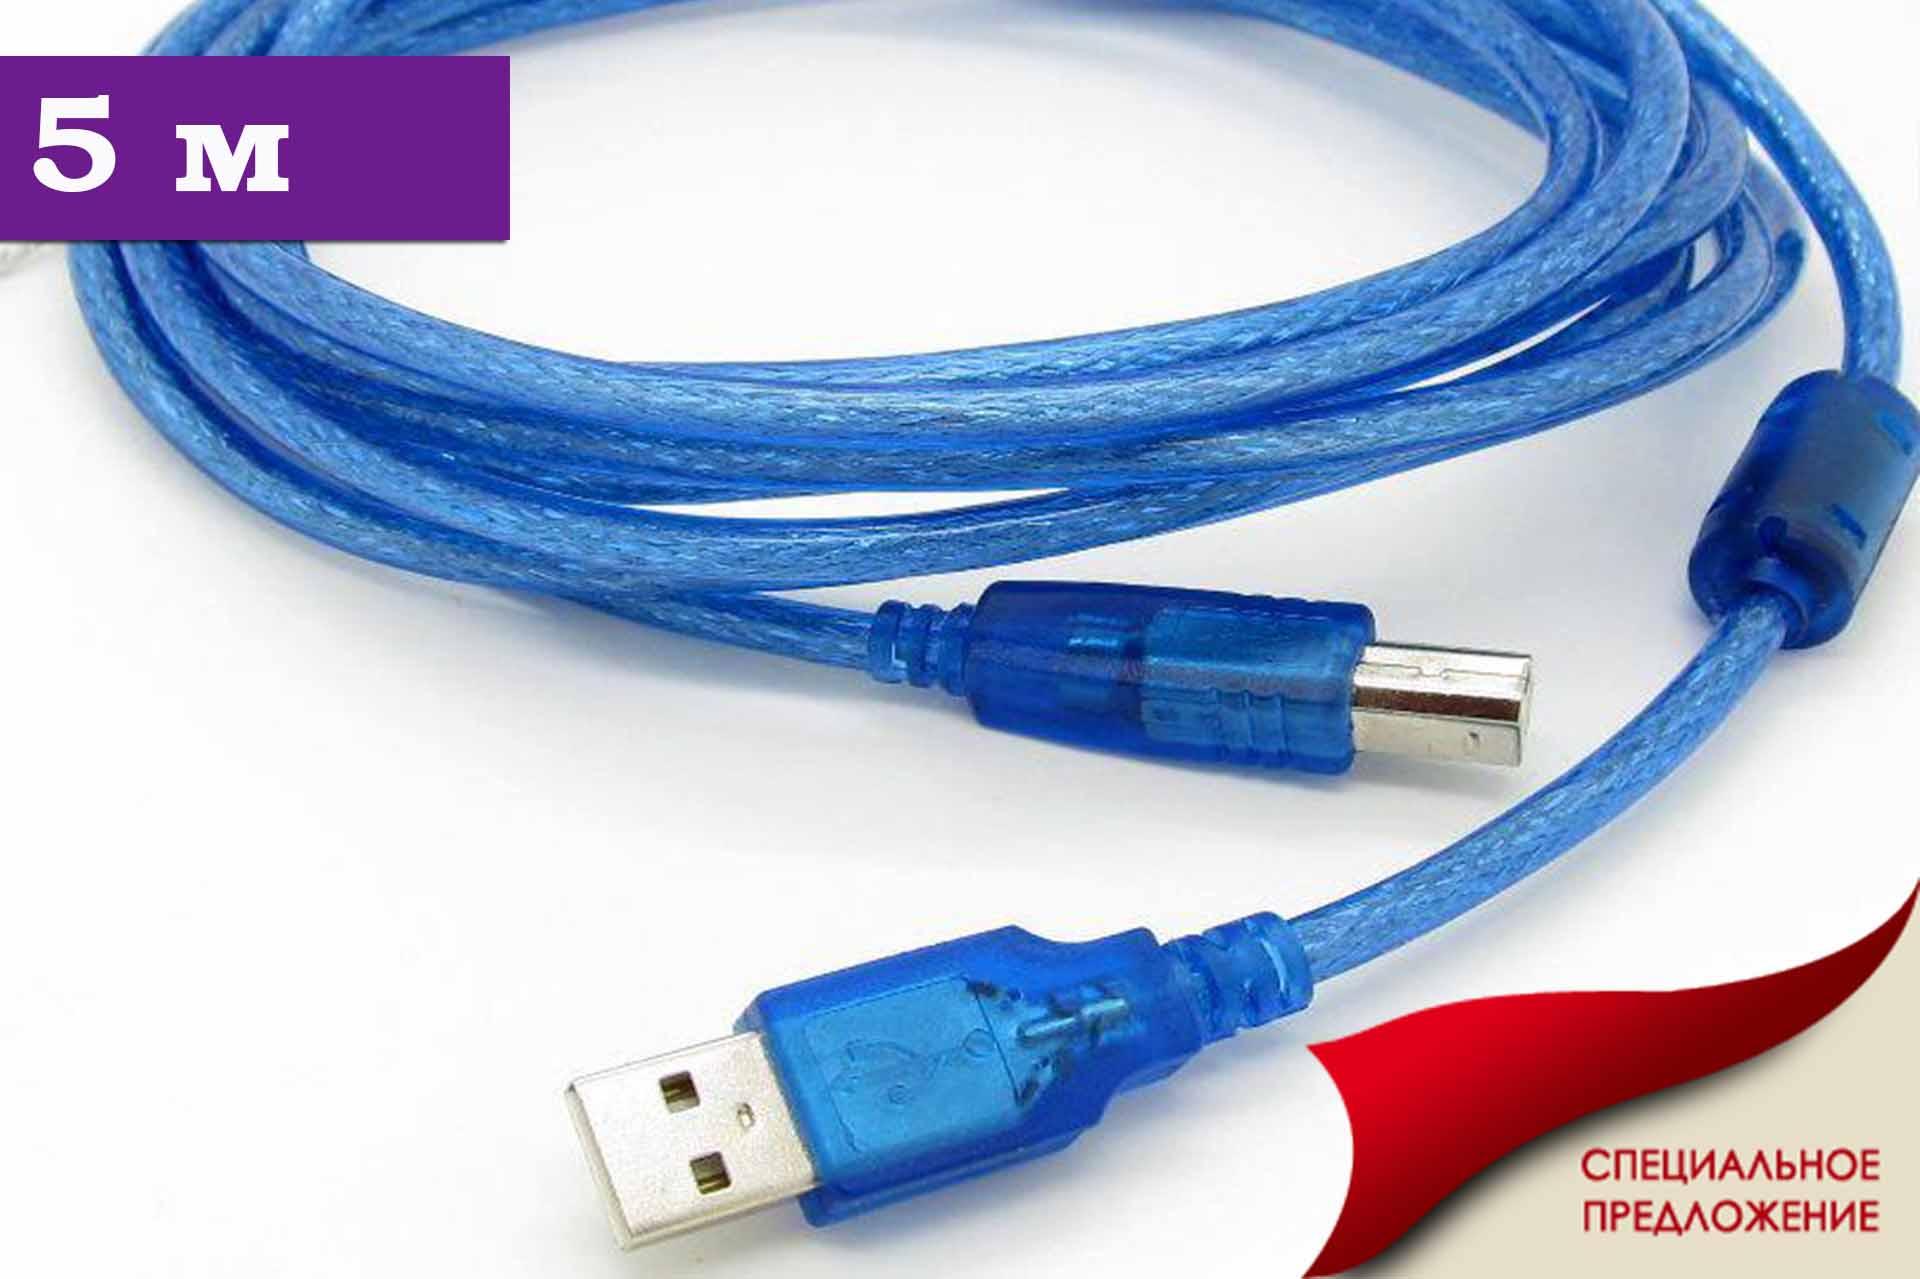 Usb кабель на принтер 5 метров